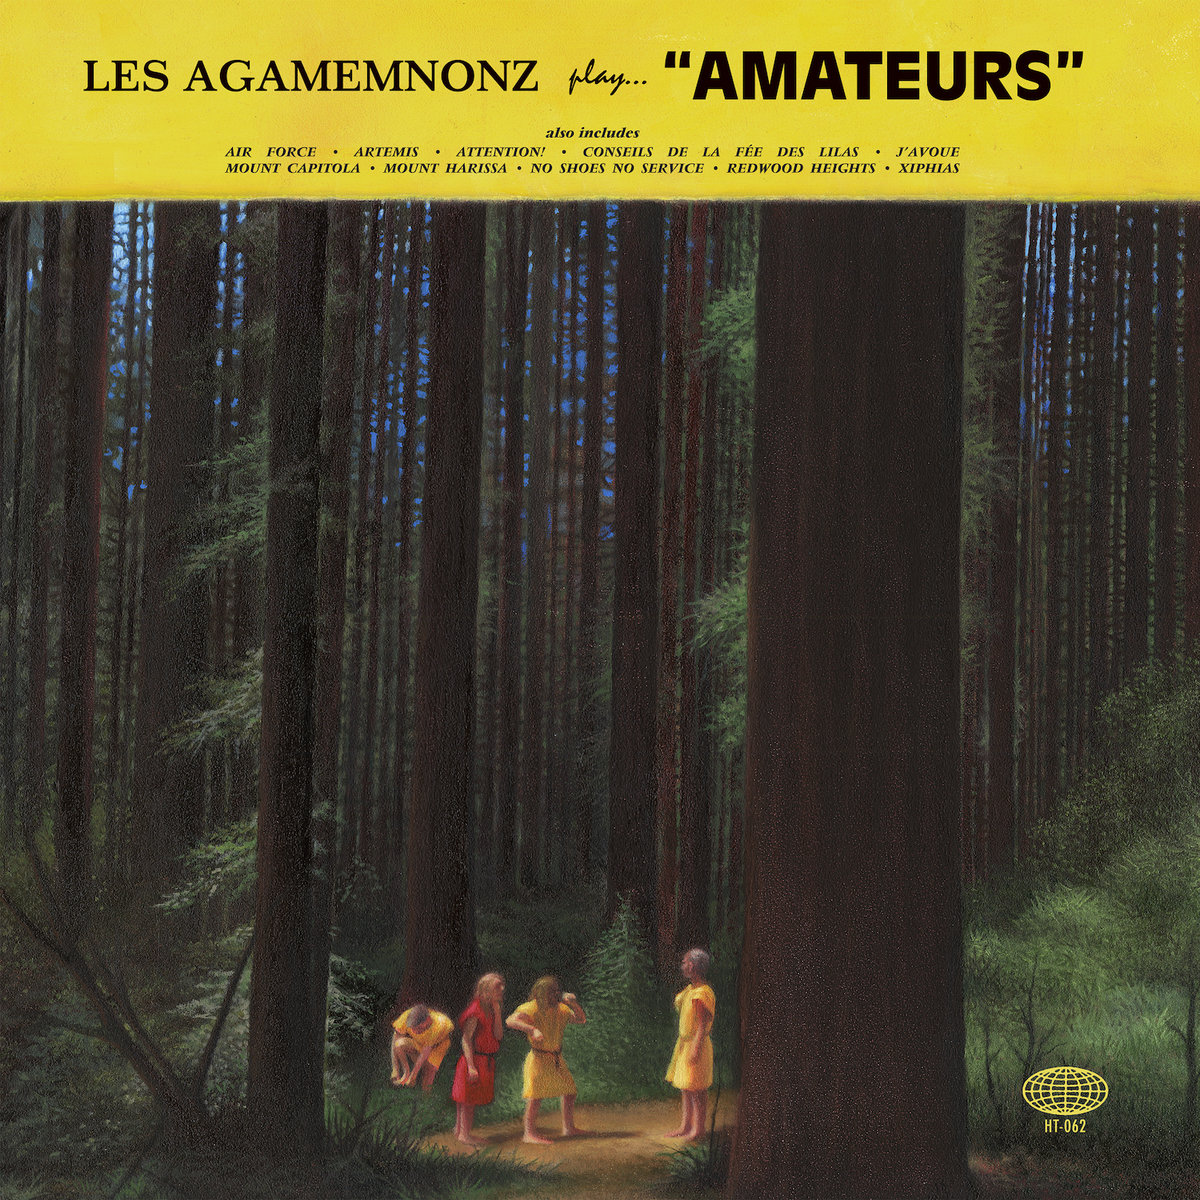 Activités très souterraines – Les Agamemnonz